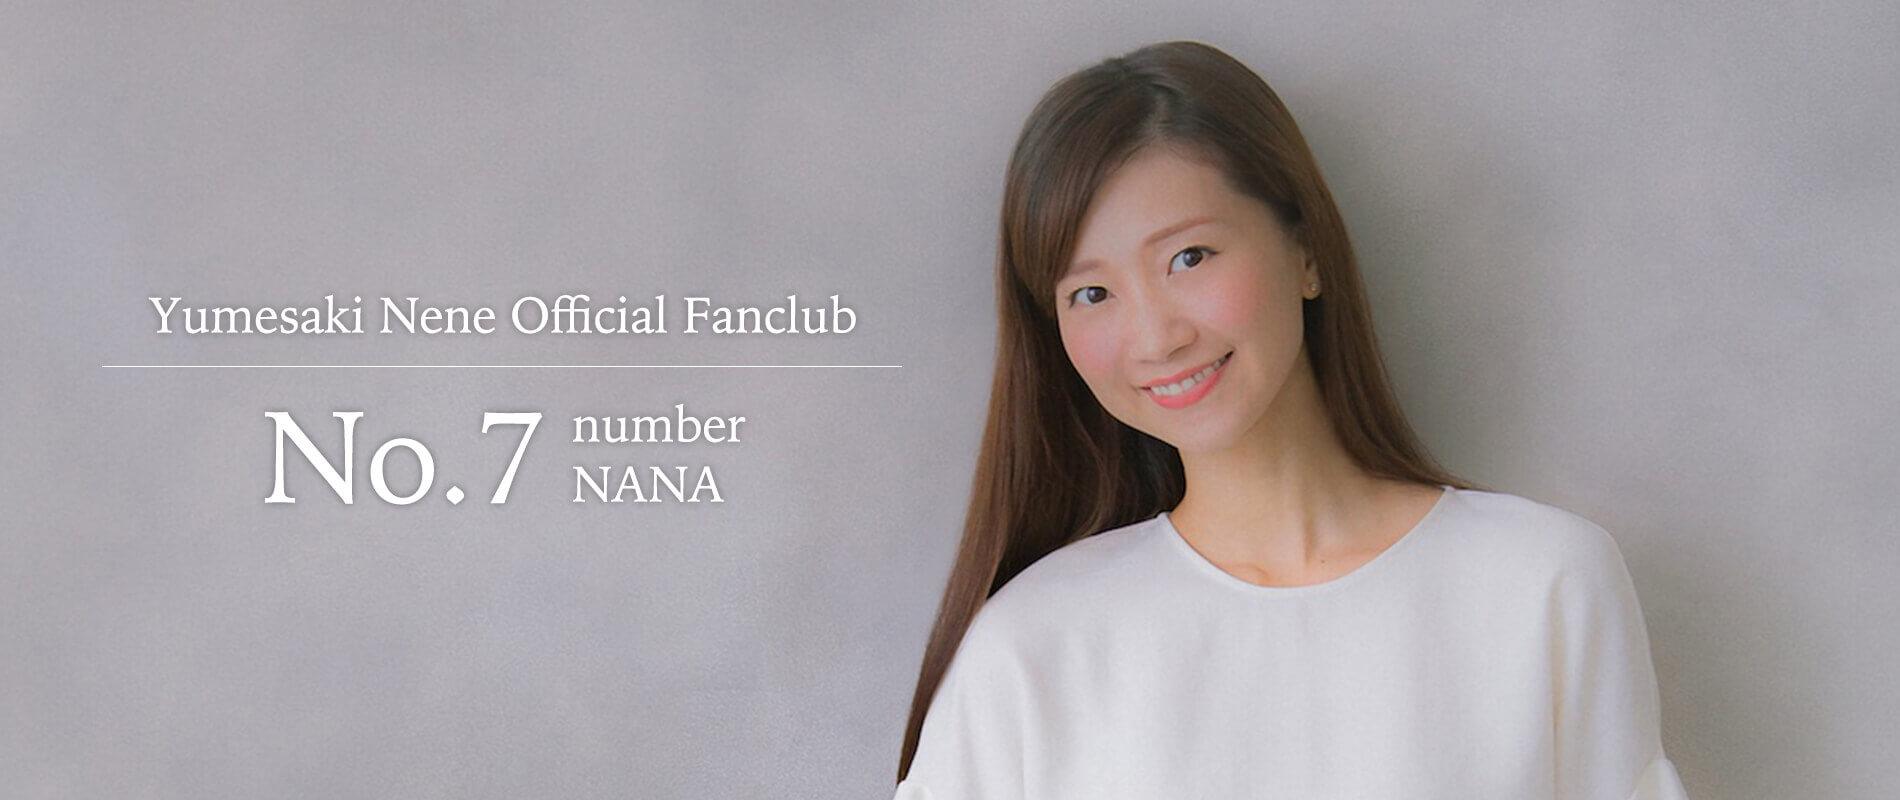 夢咲ねね公式ファンクラブ「No.7」